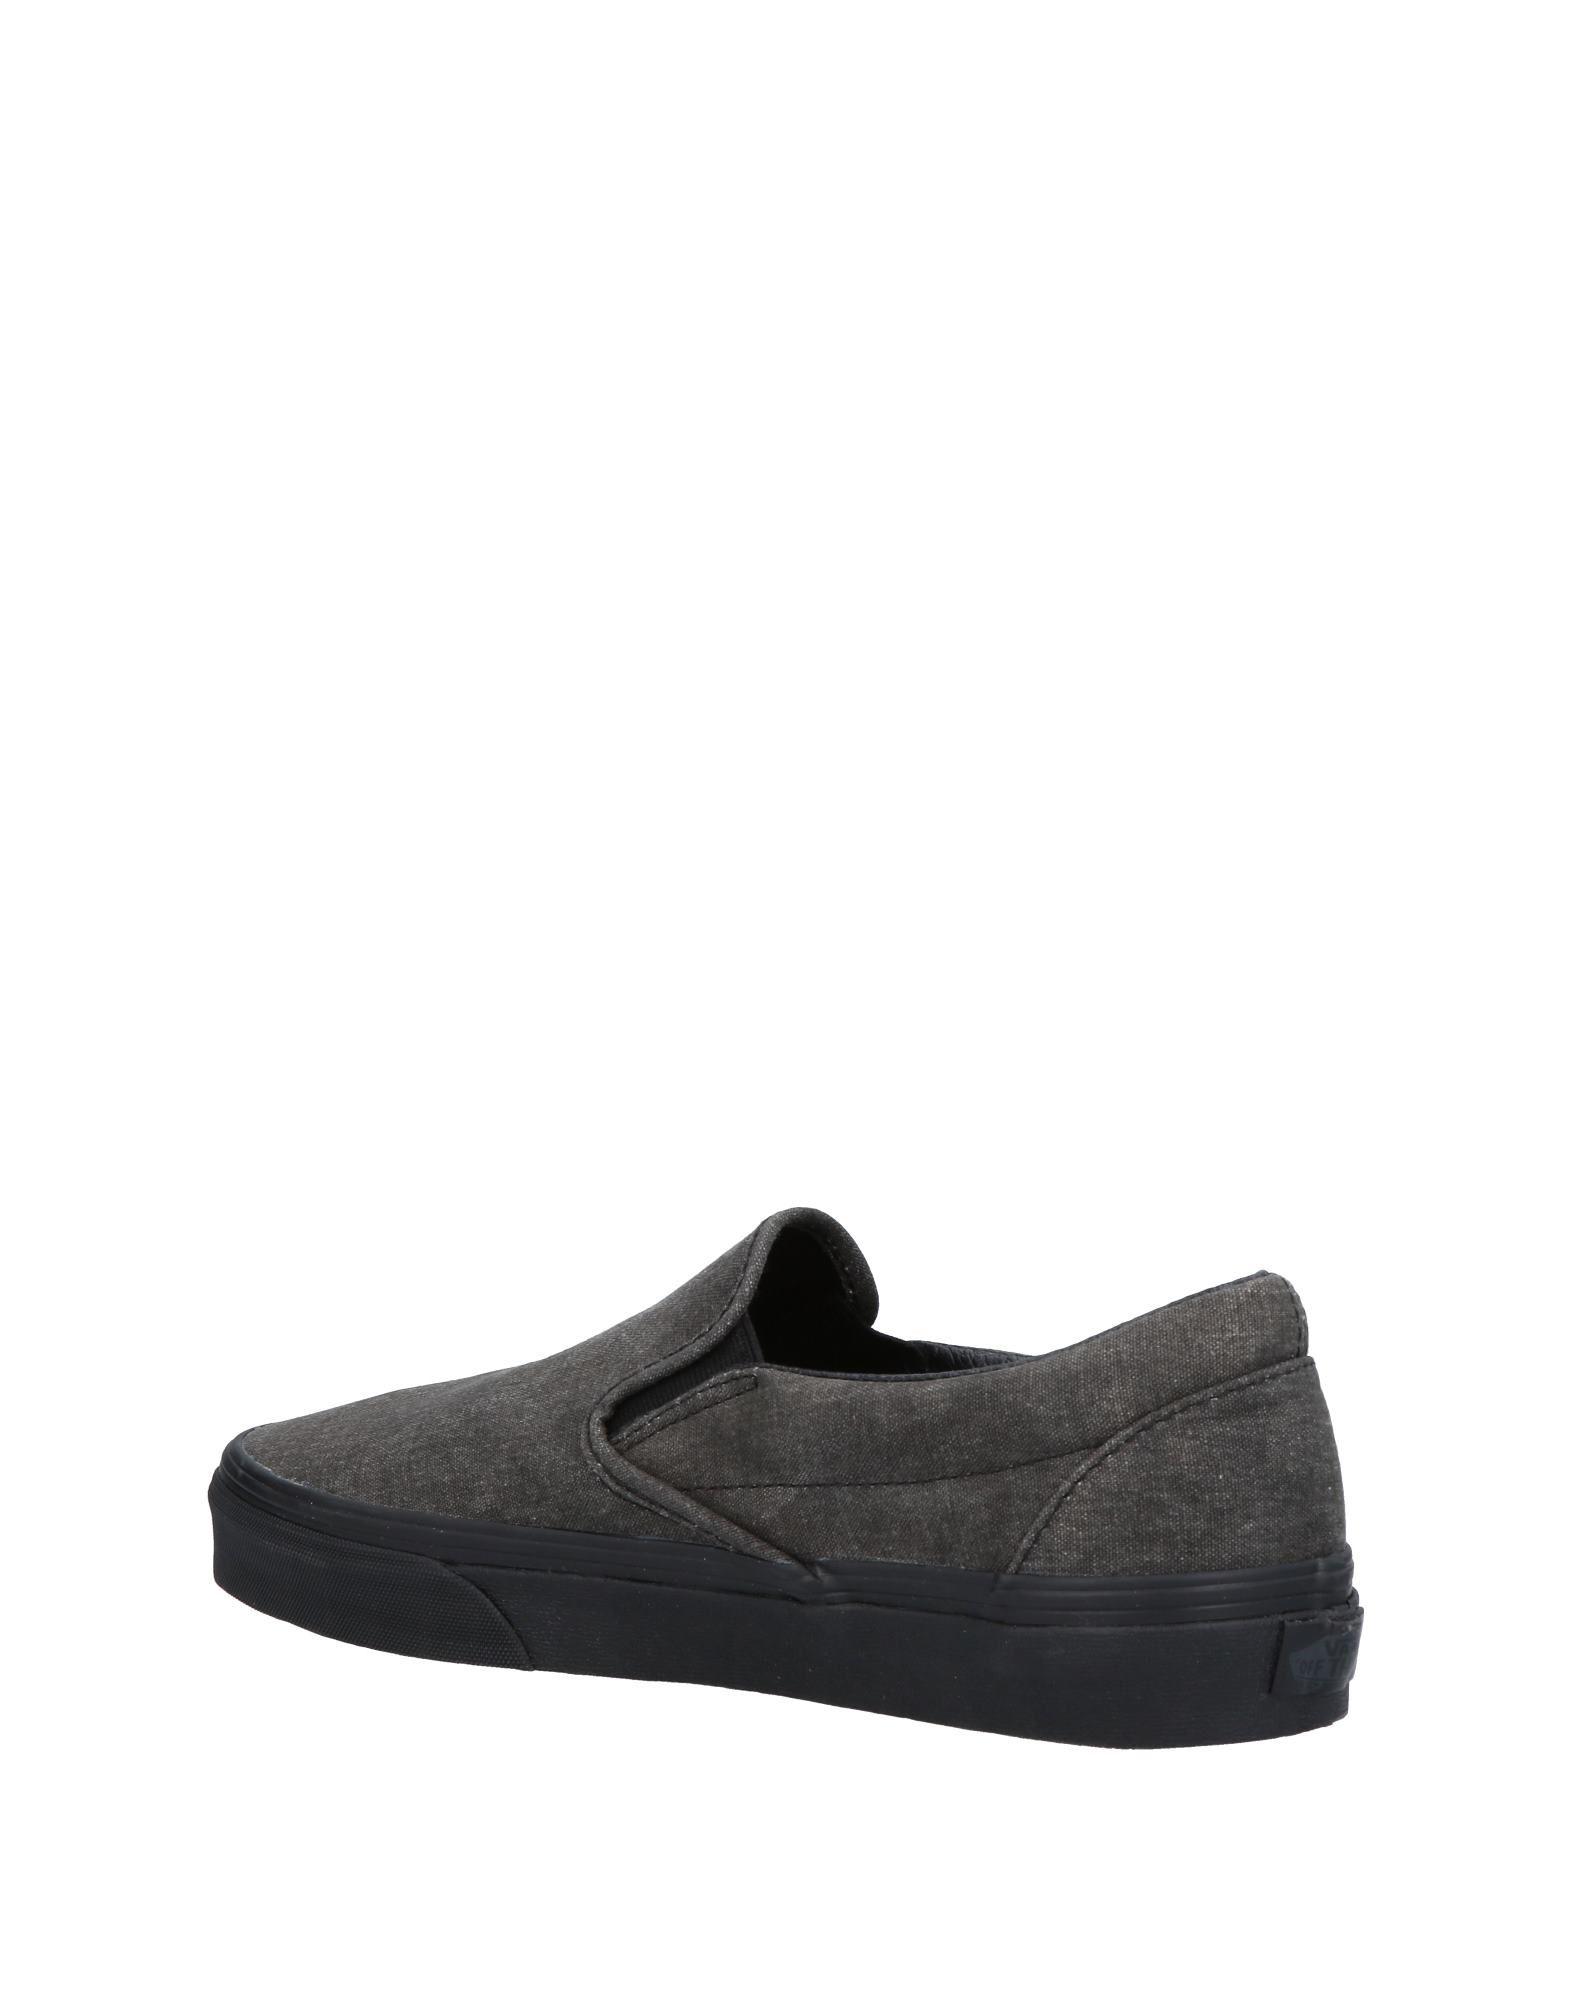 Moda Sneakers Sneakers Moda Vans Uomo - 11469168LJ 0f4b4e